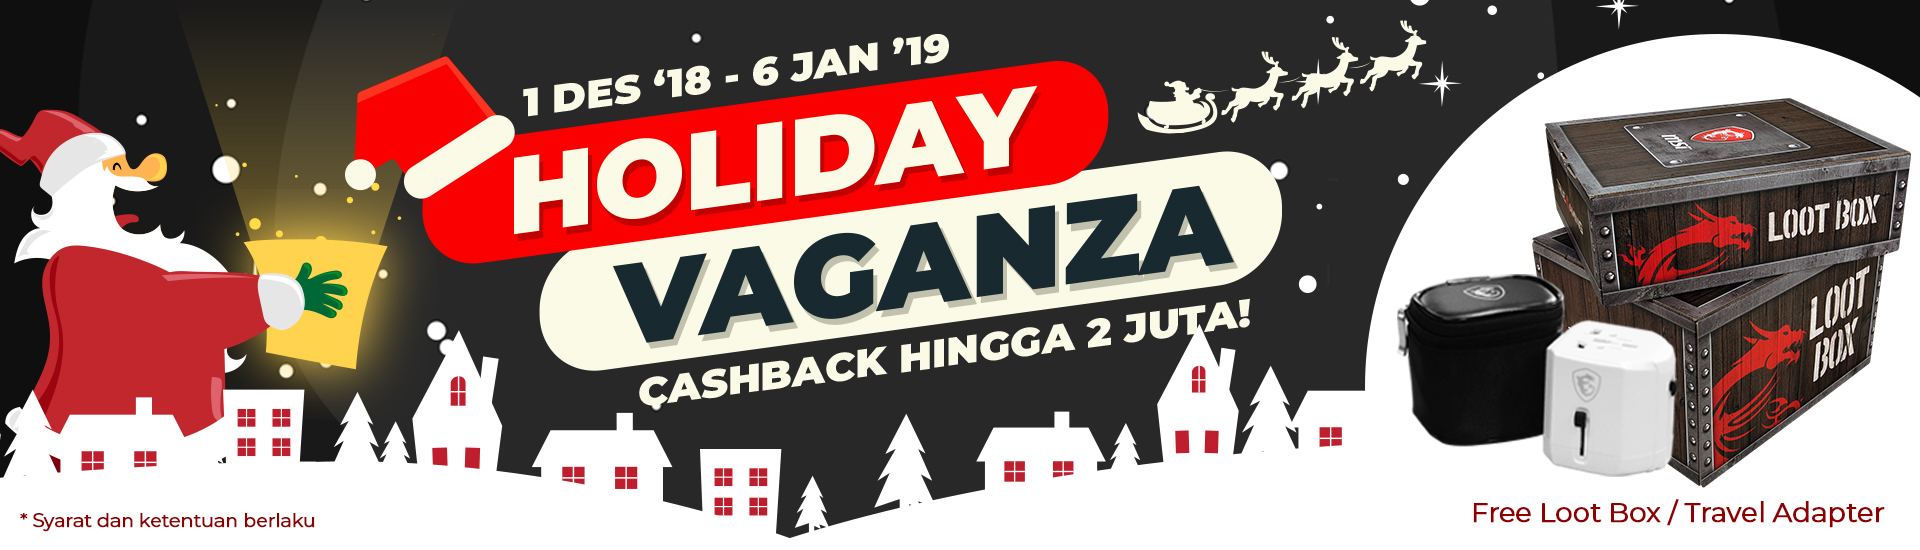 Holiday Vaganza